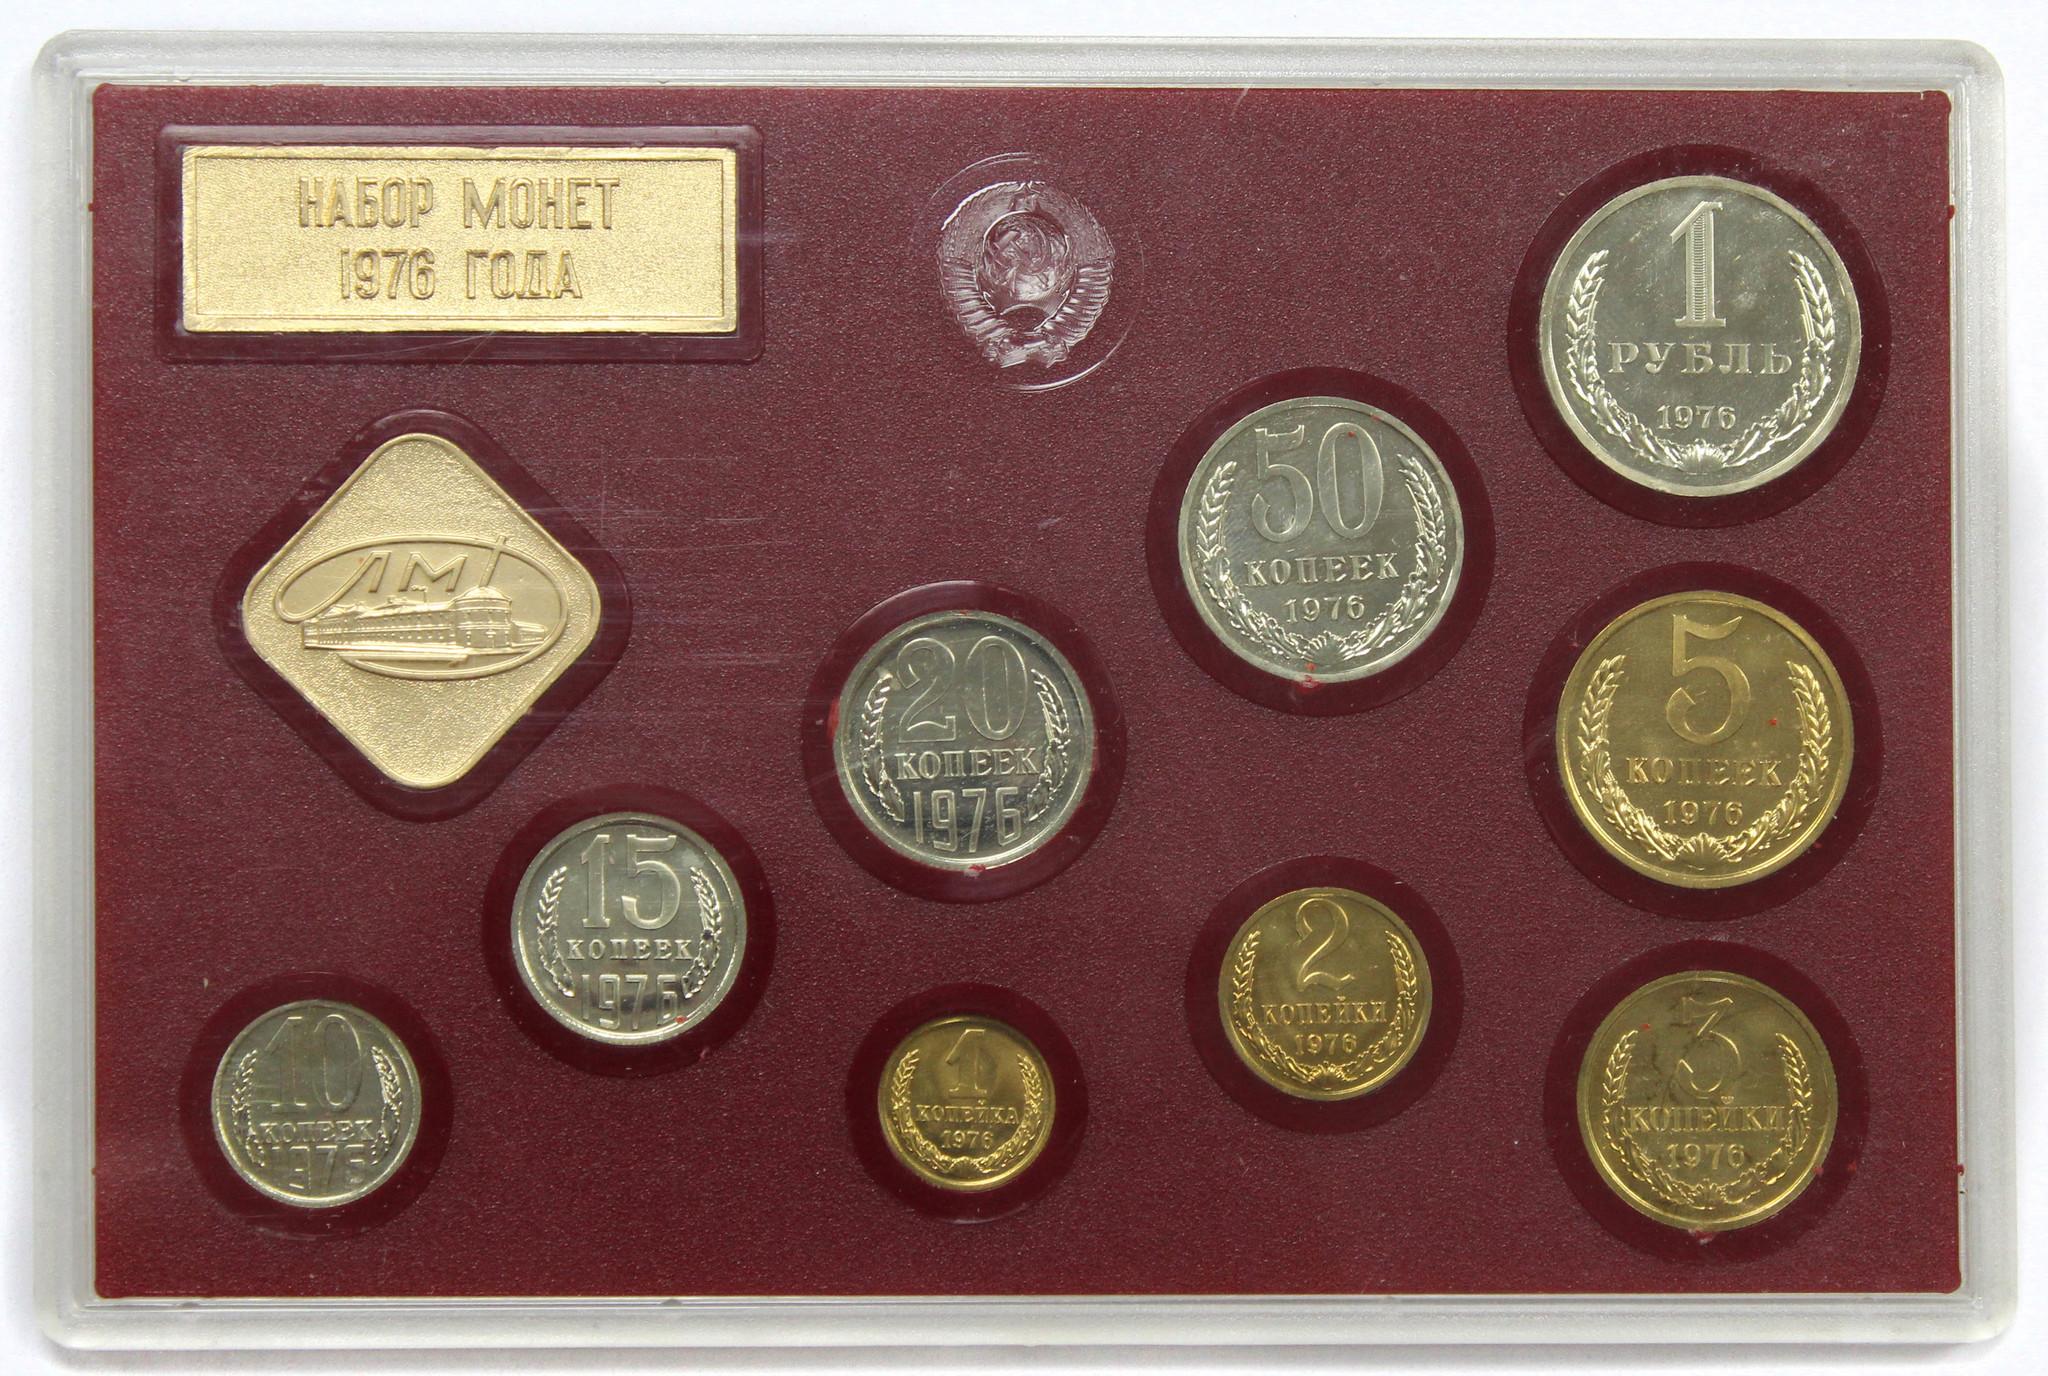 Набор регулярных монет СССР 1976 года ЛМД (с жетоном, в конверте), твердый